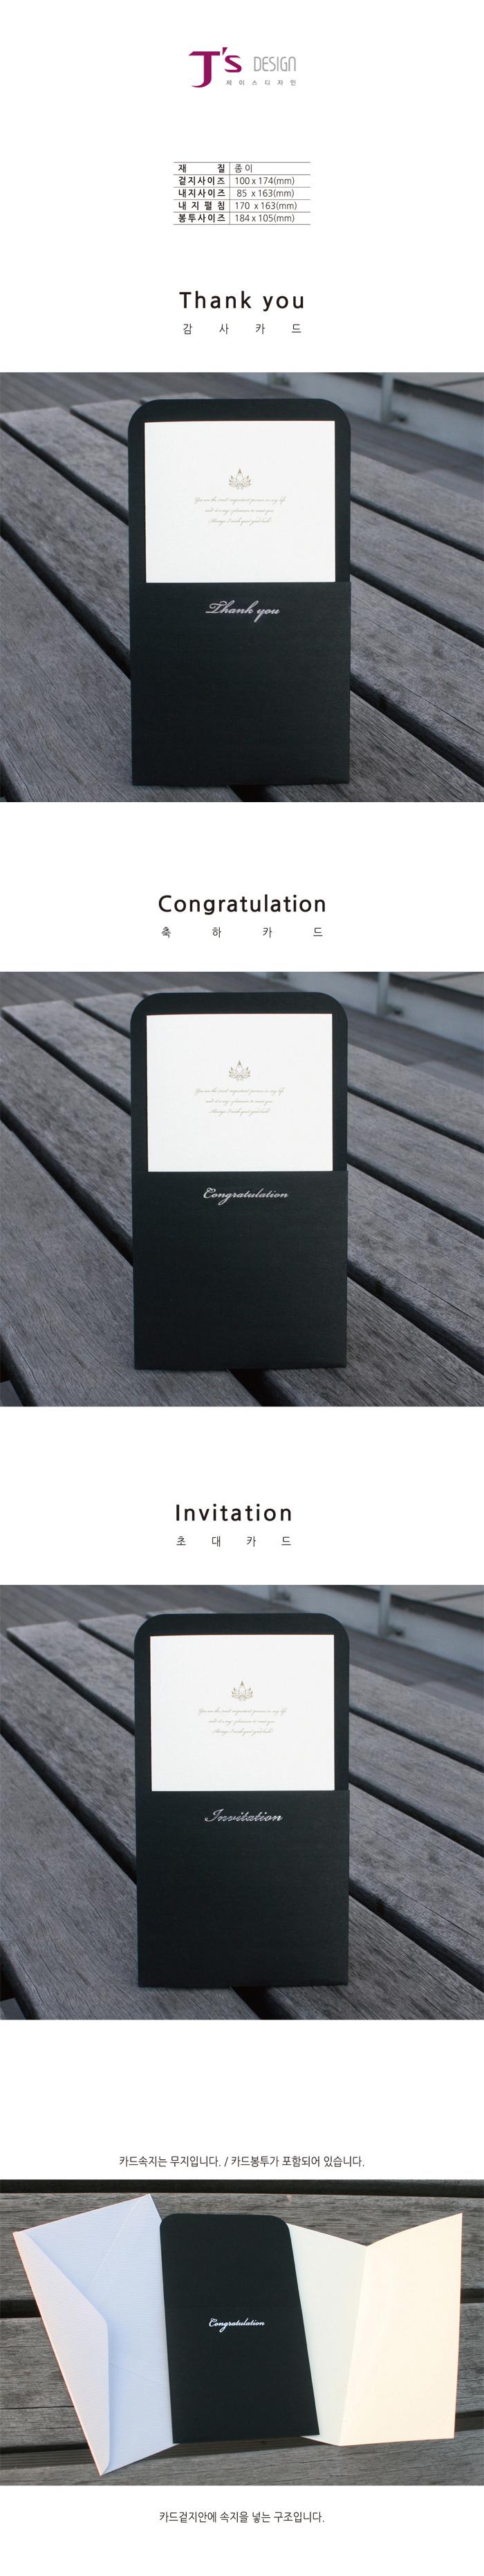 1700블랙 감사 축하 초대카드 - 제이스디자인, 1,700원, 카드, 감사 카드